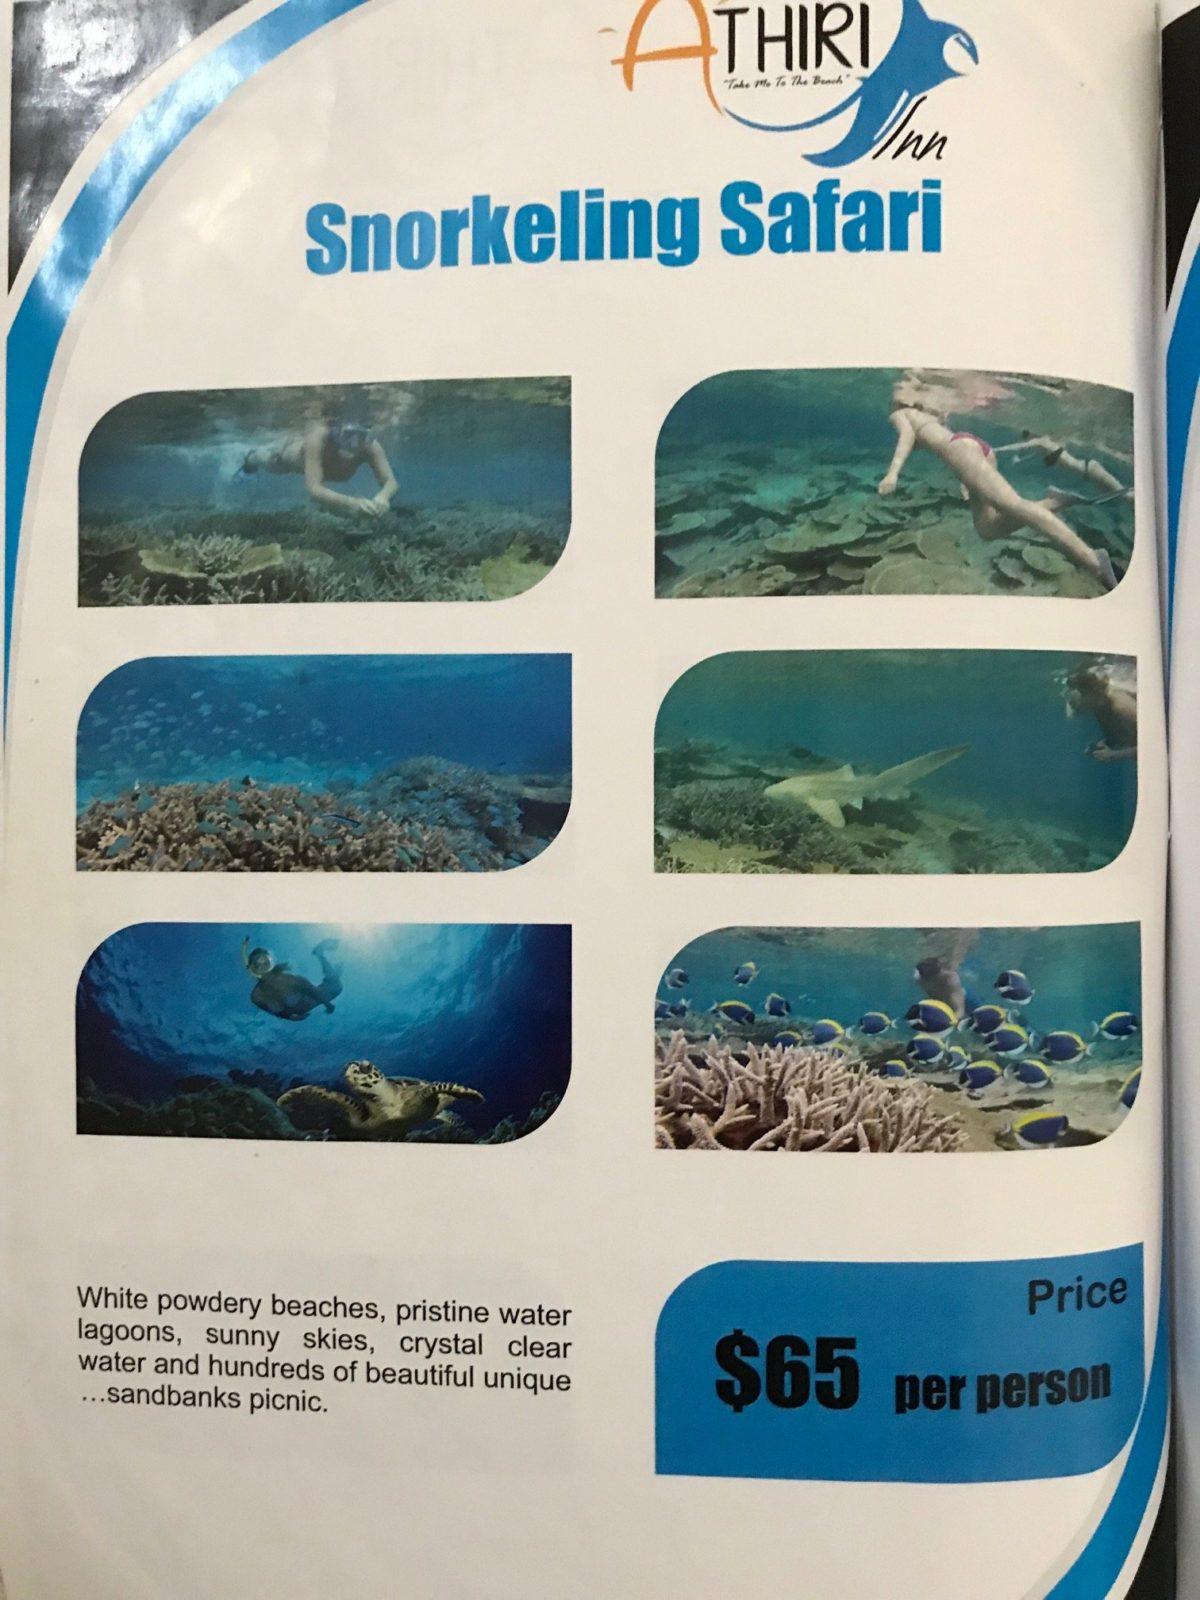 Экскурсии на острове Укулхас, Мальдивы